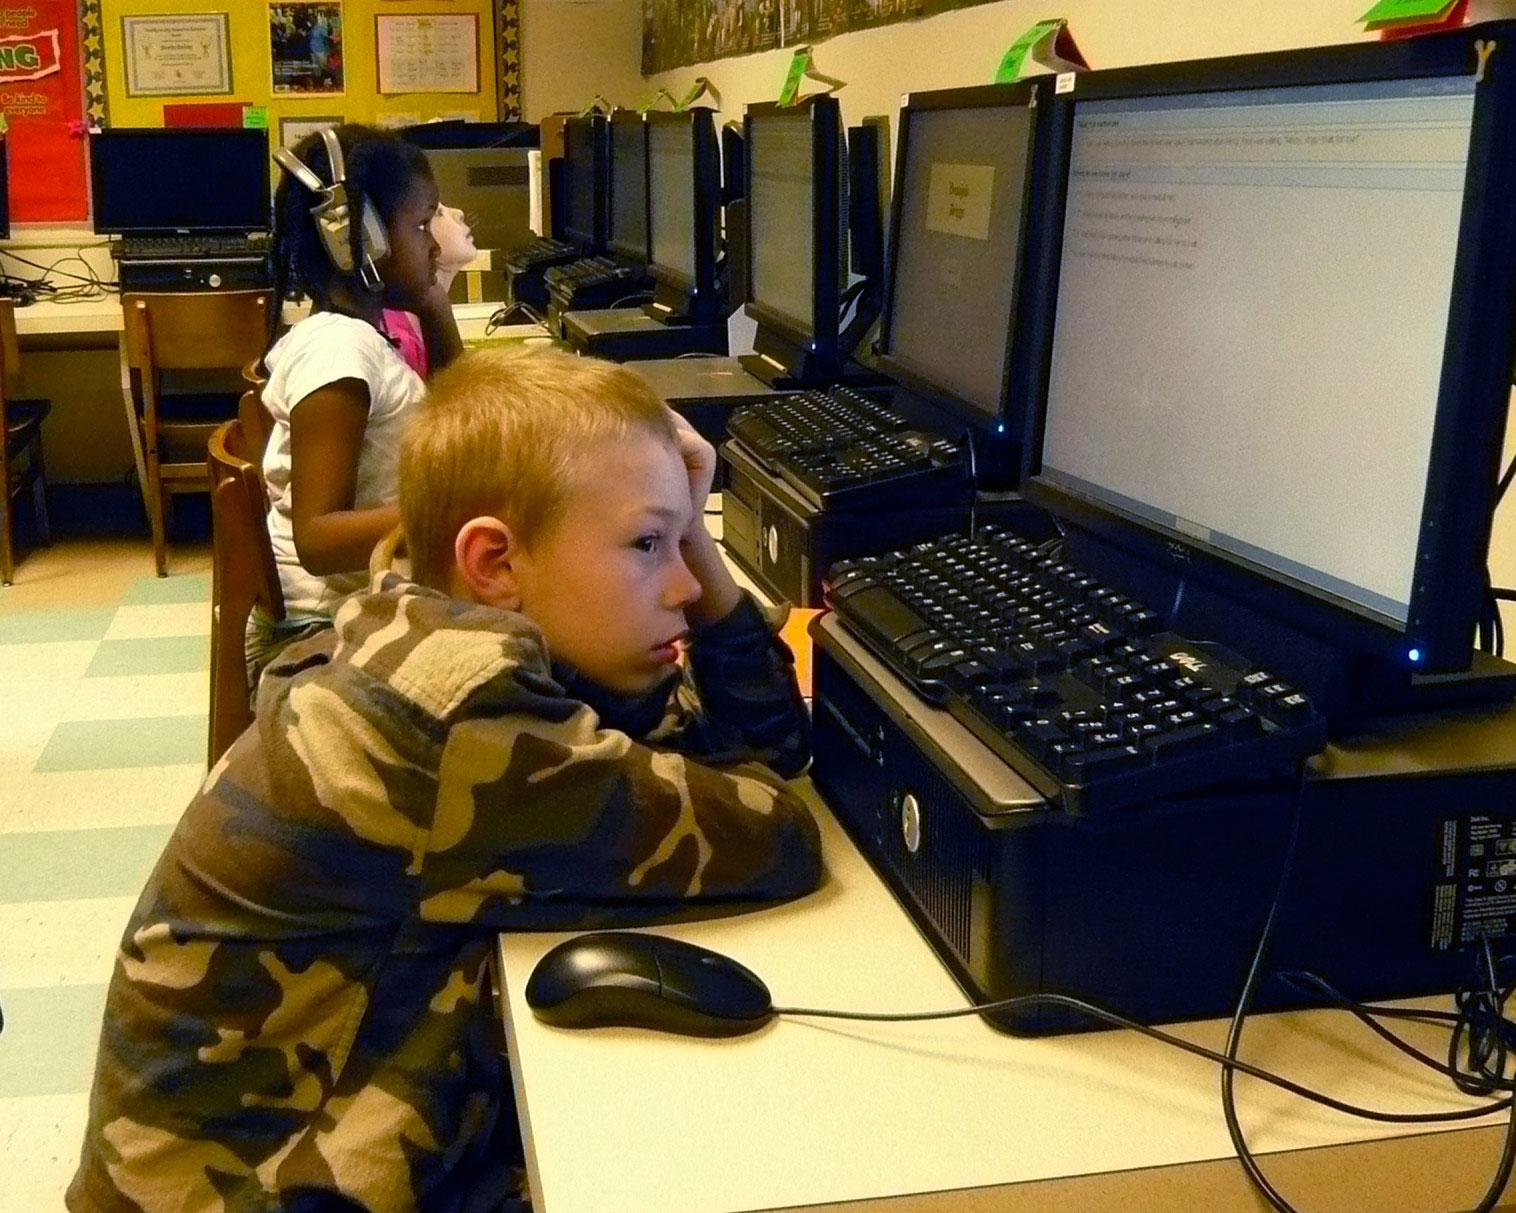 Учителя против компьютерных тестов для малообеспеченных учеников